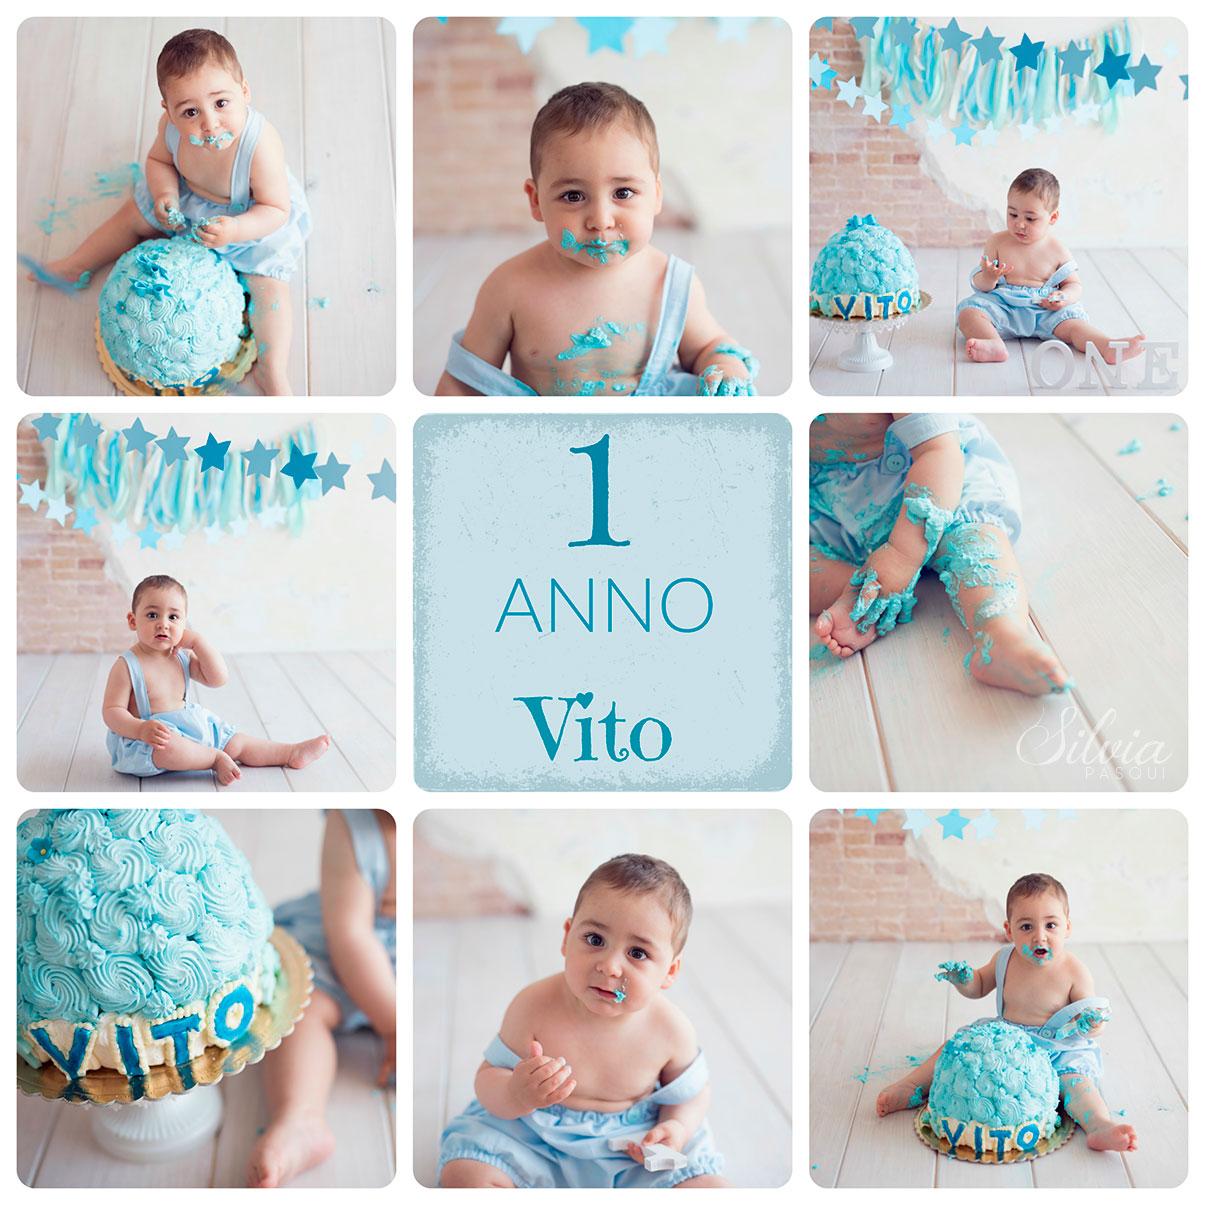 fotografie primo compleanno bambini roma